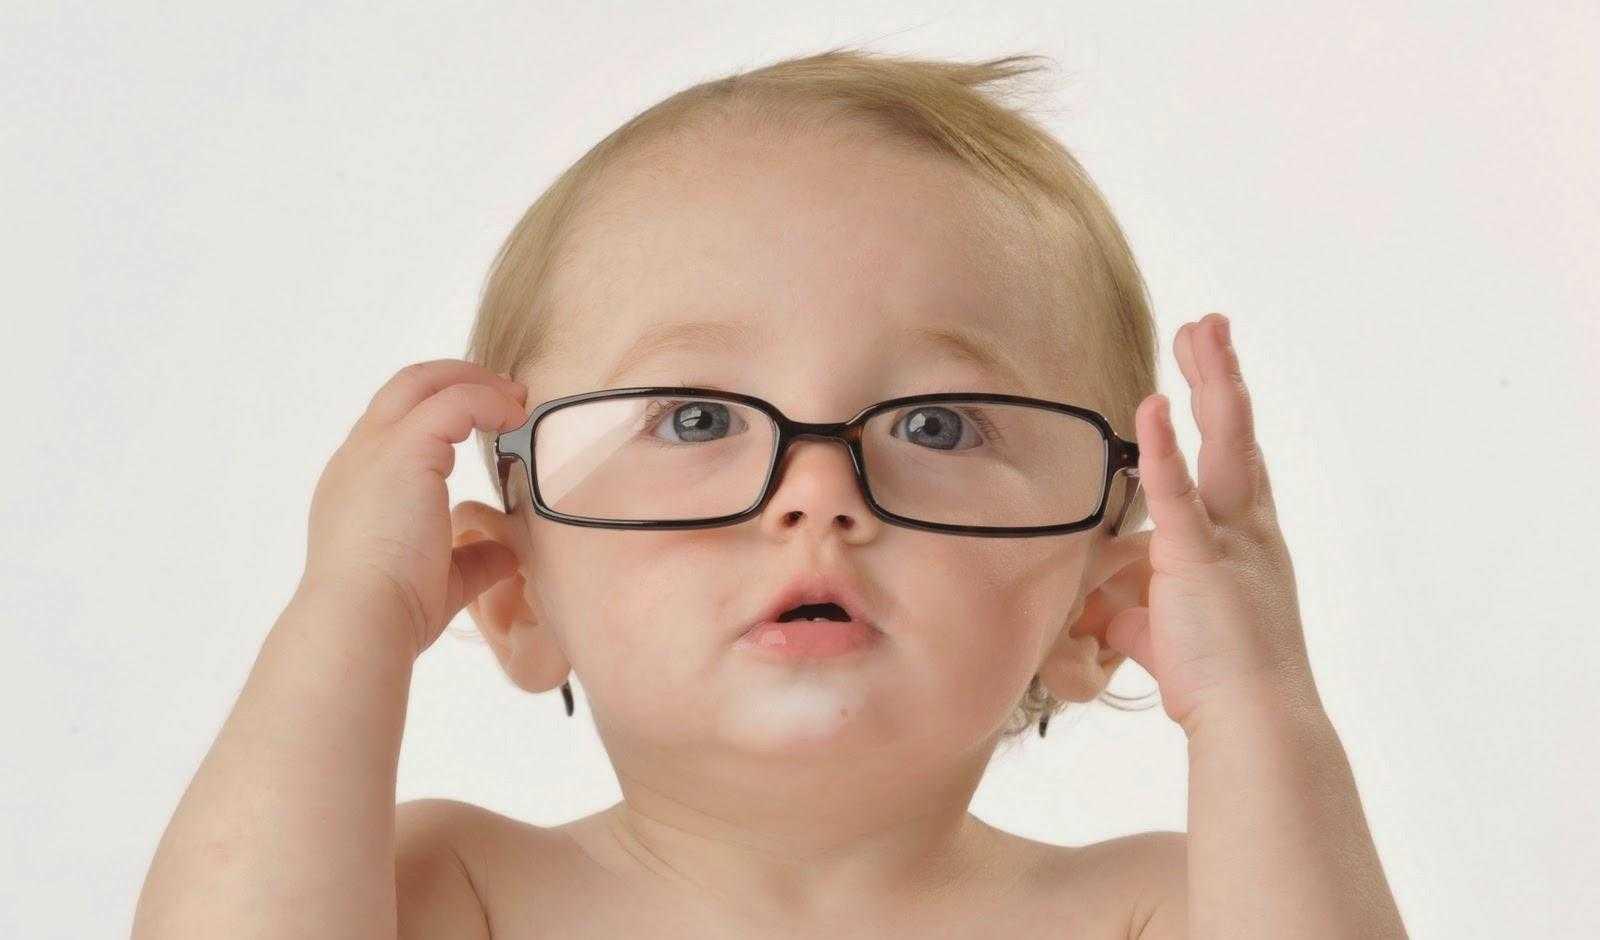 Çocuklarda Görülen Yaygın Göz Problemleri Nelerdir?